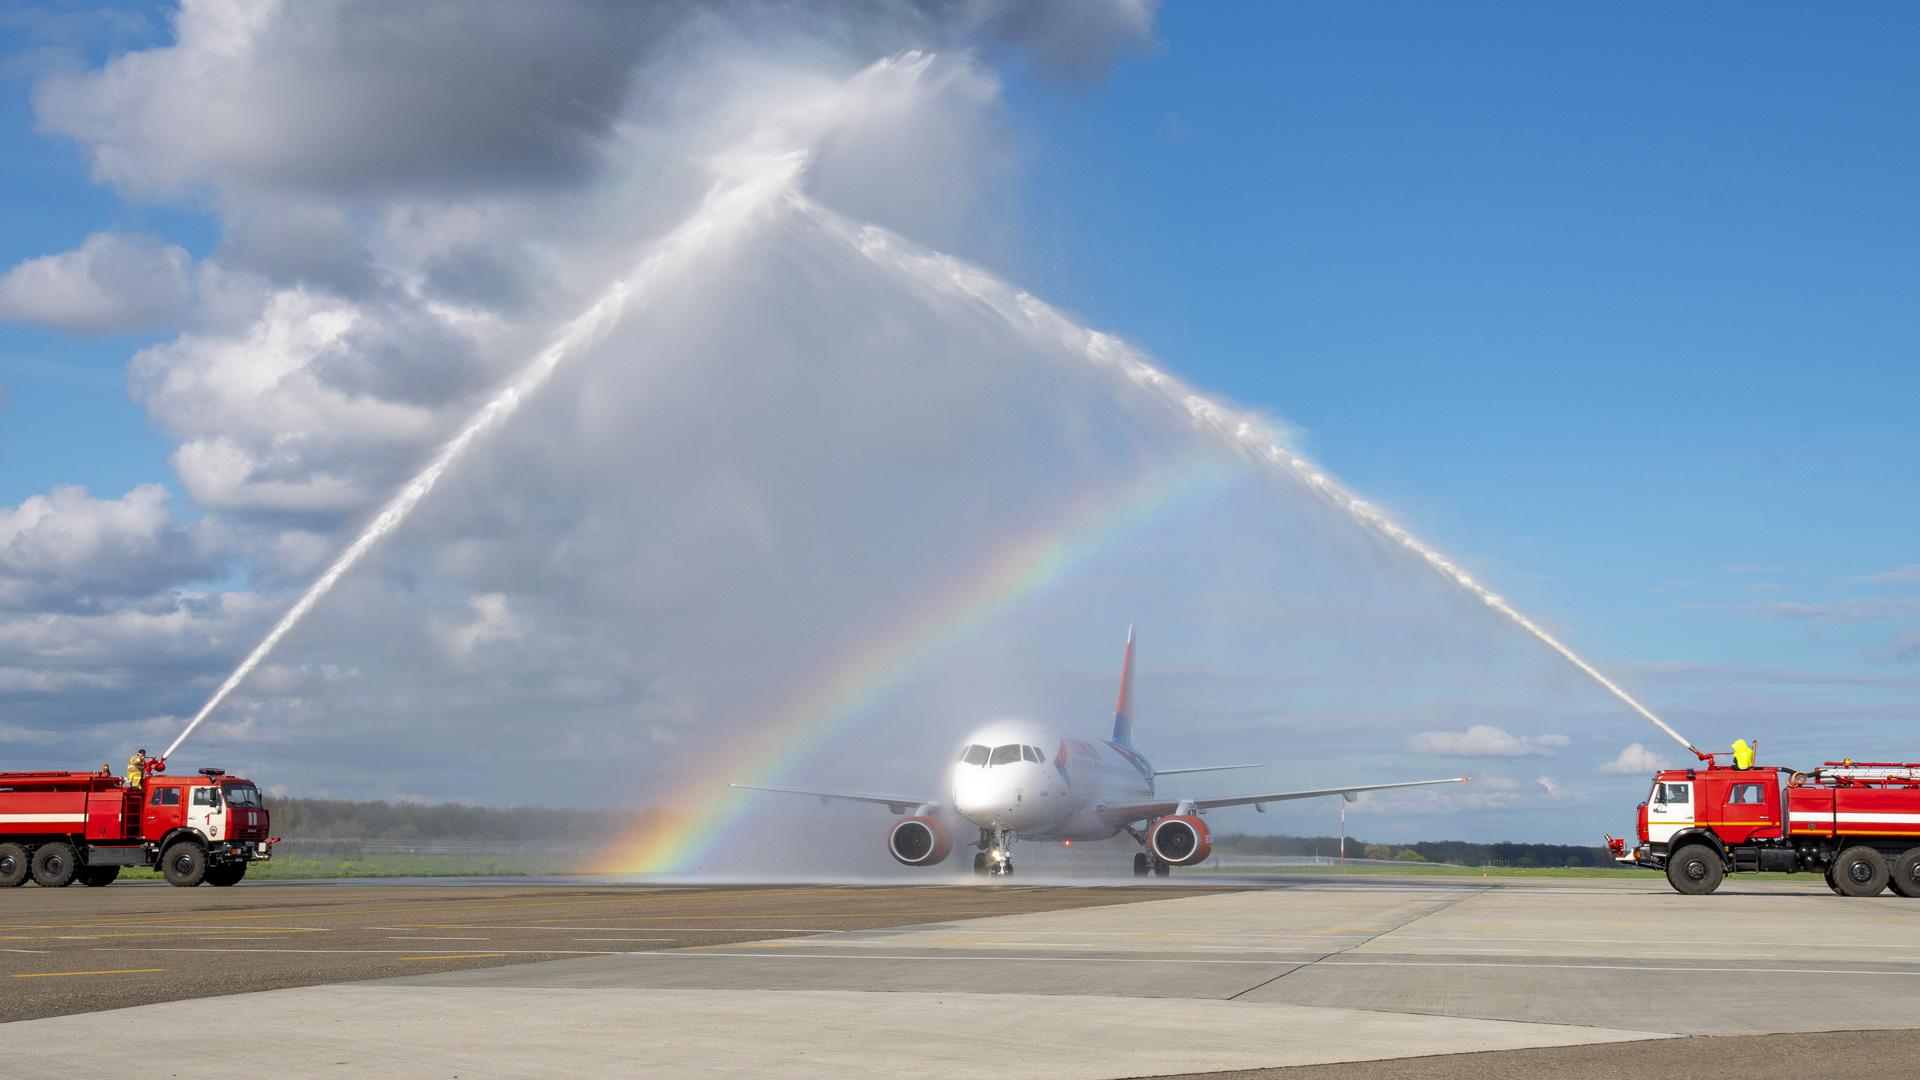 Асгард, авиакомпания Азимут, M-1 Global, ливрея самолета, авиабрендинг, авиадизайн, брендинг авиакомпании, суперджет 100